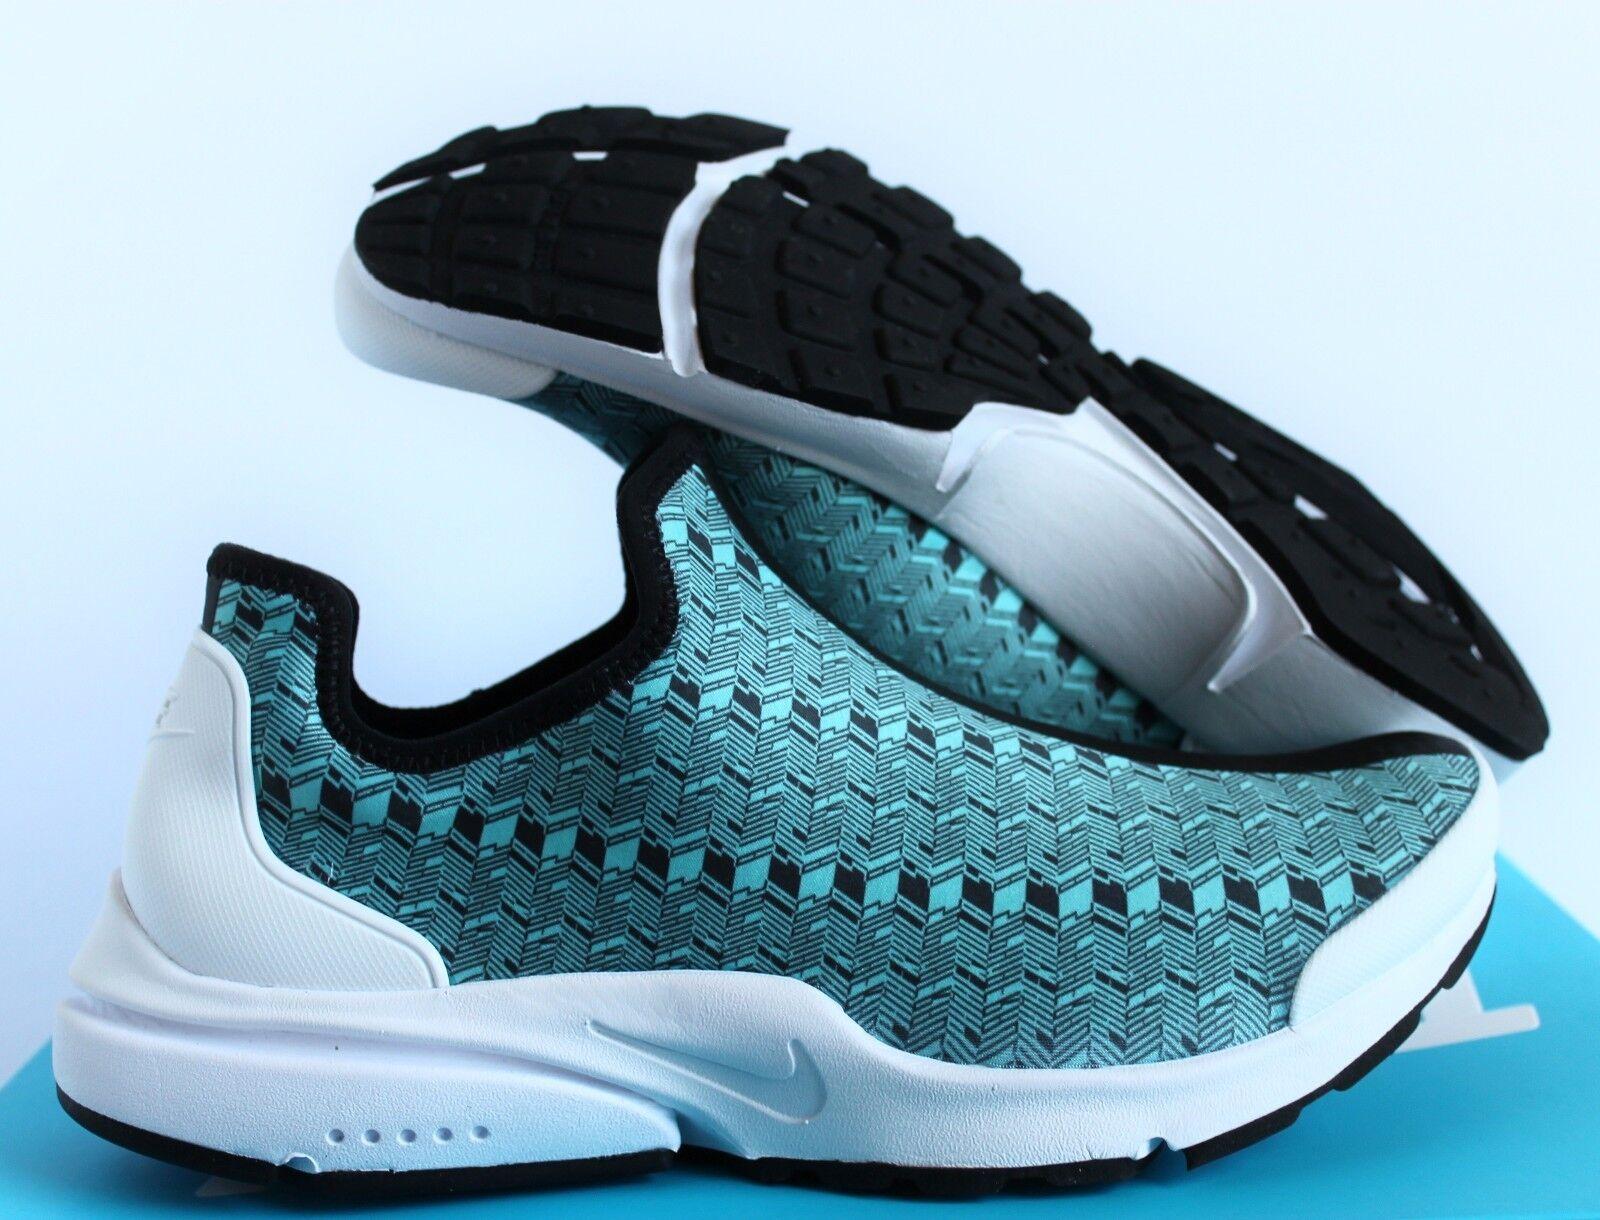 Los hombres de dB Nike Air presto x dB de Doernbecher Hyper jade-Negro-Blanco reducción de precios el último descuento zapatos para hombres y mujeres 9d71ae